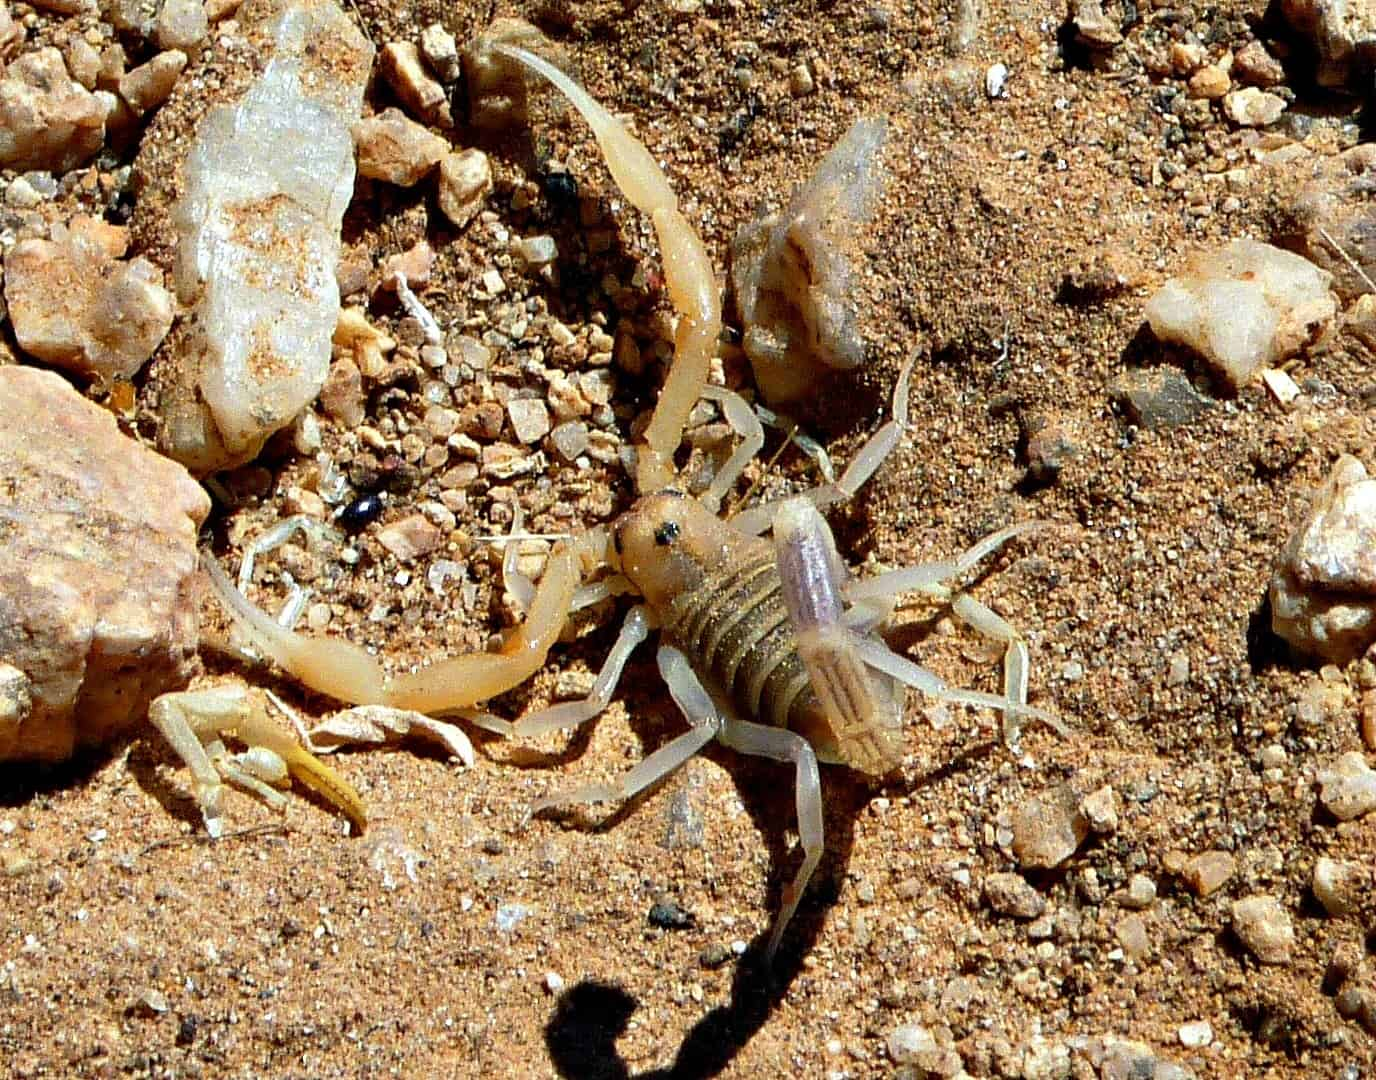 Scorpion, Etosha National Park